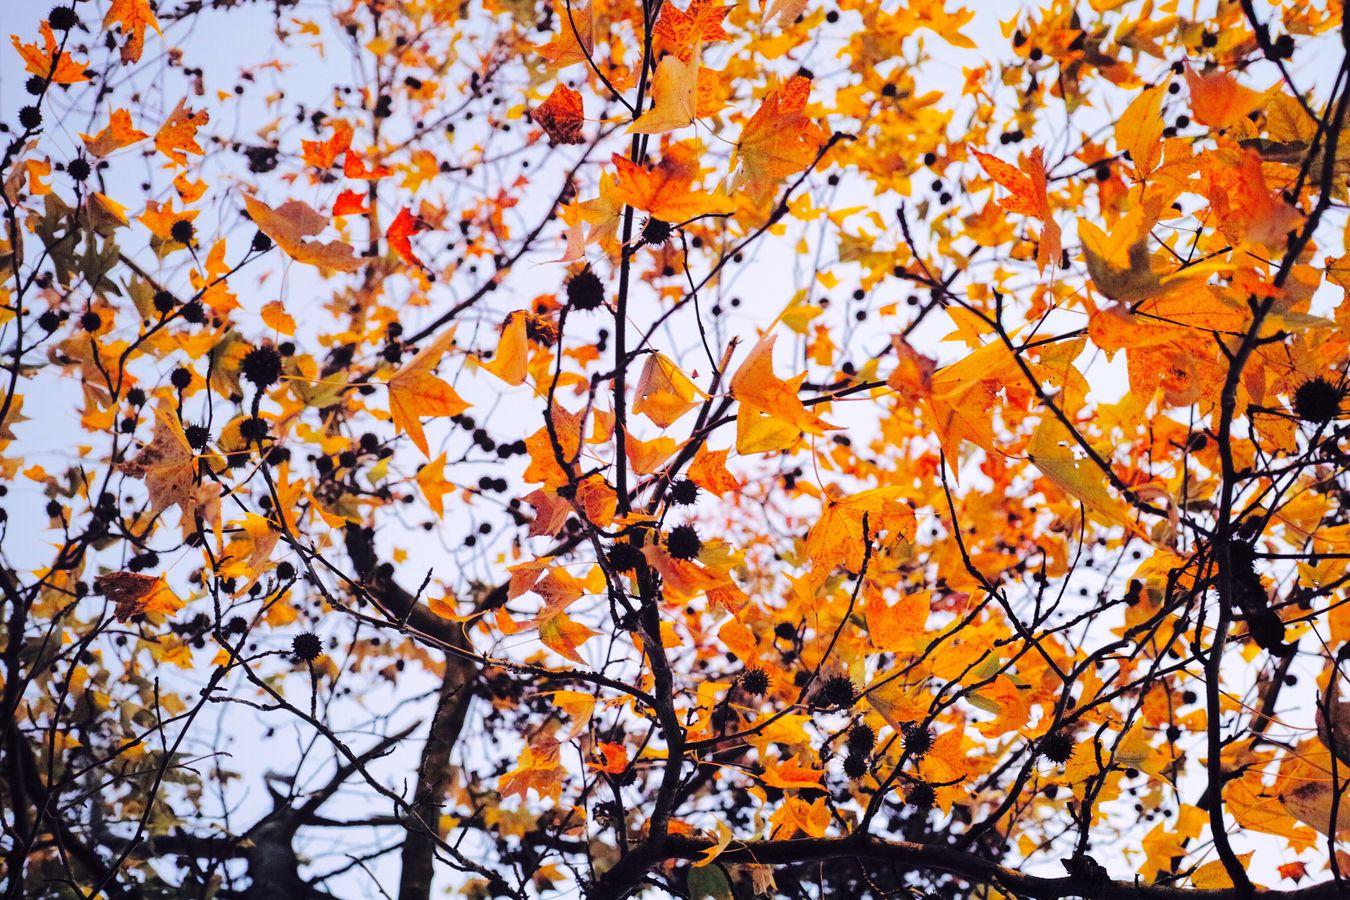 紅葉 First Eyeem Photo Autumn Leaves Autumnal Tints Autum Acorns Yellow Leaves Japan Color Park Taking Photos Taking Pictures Take Photos